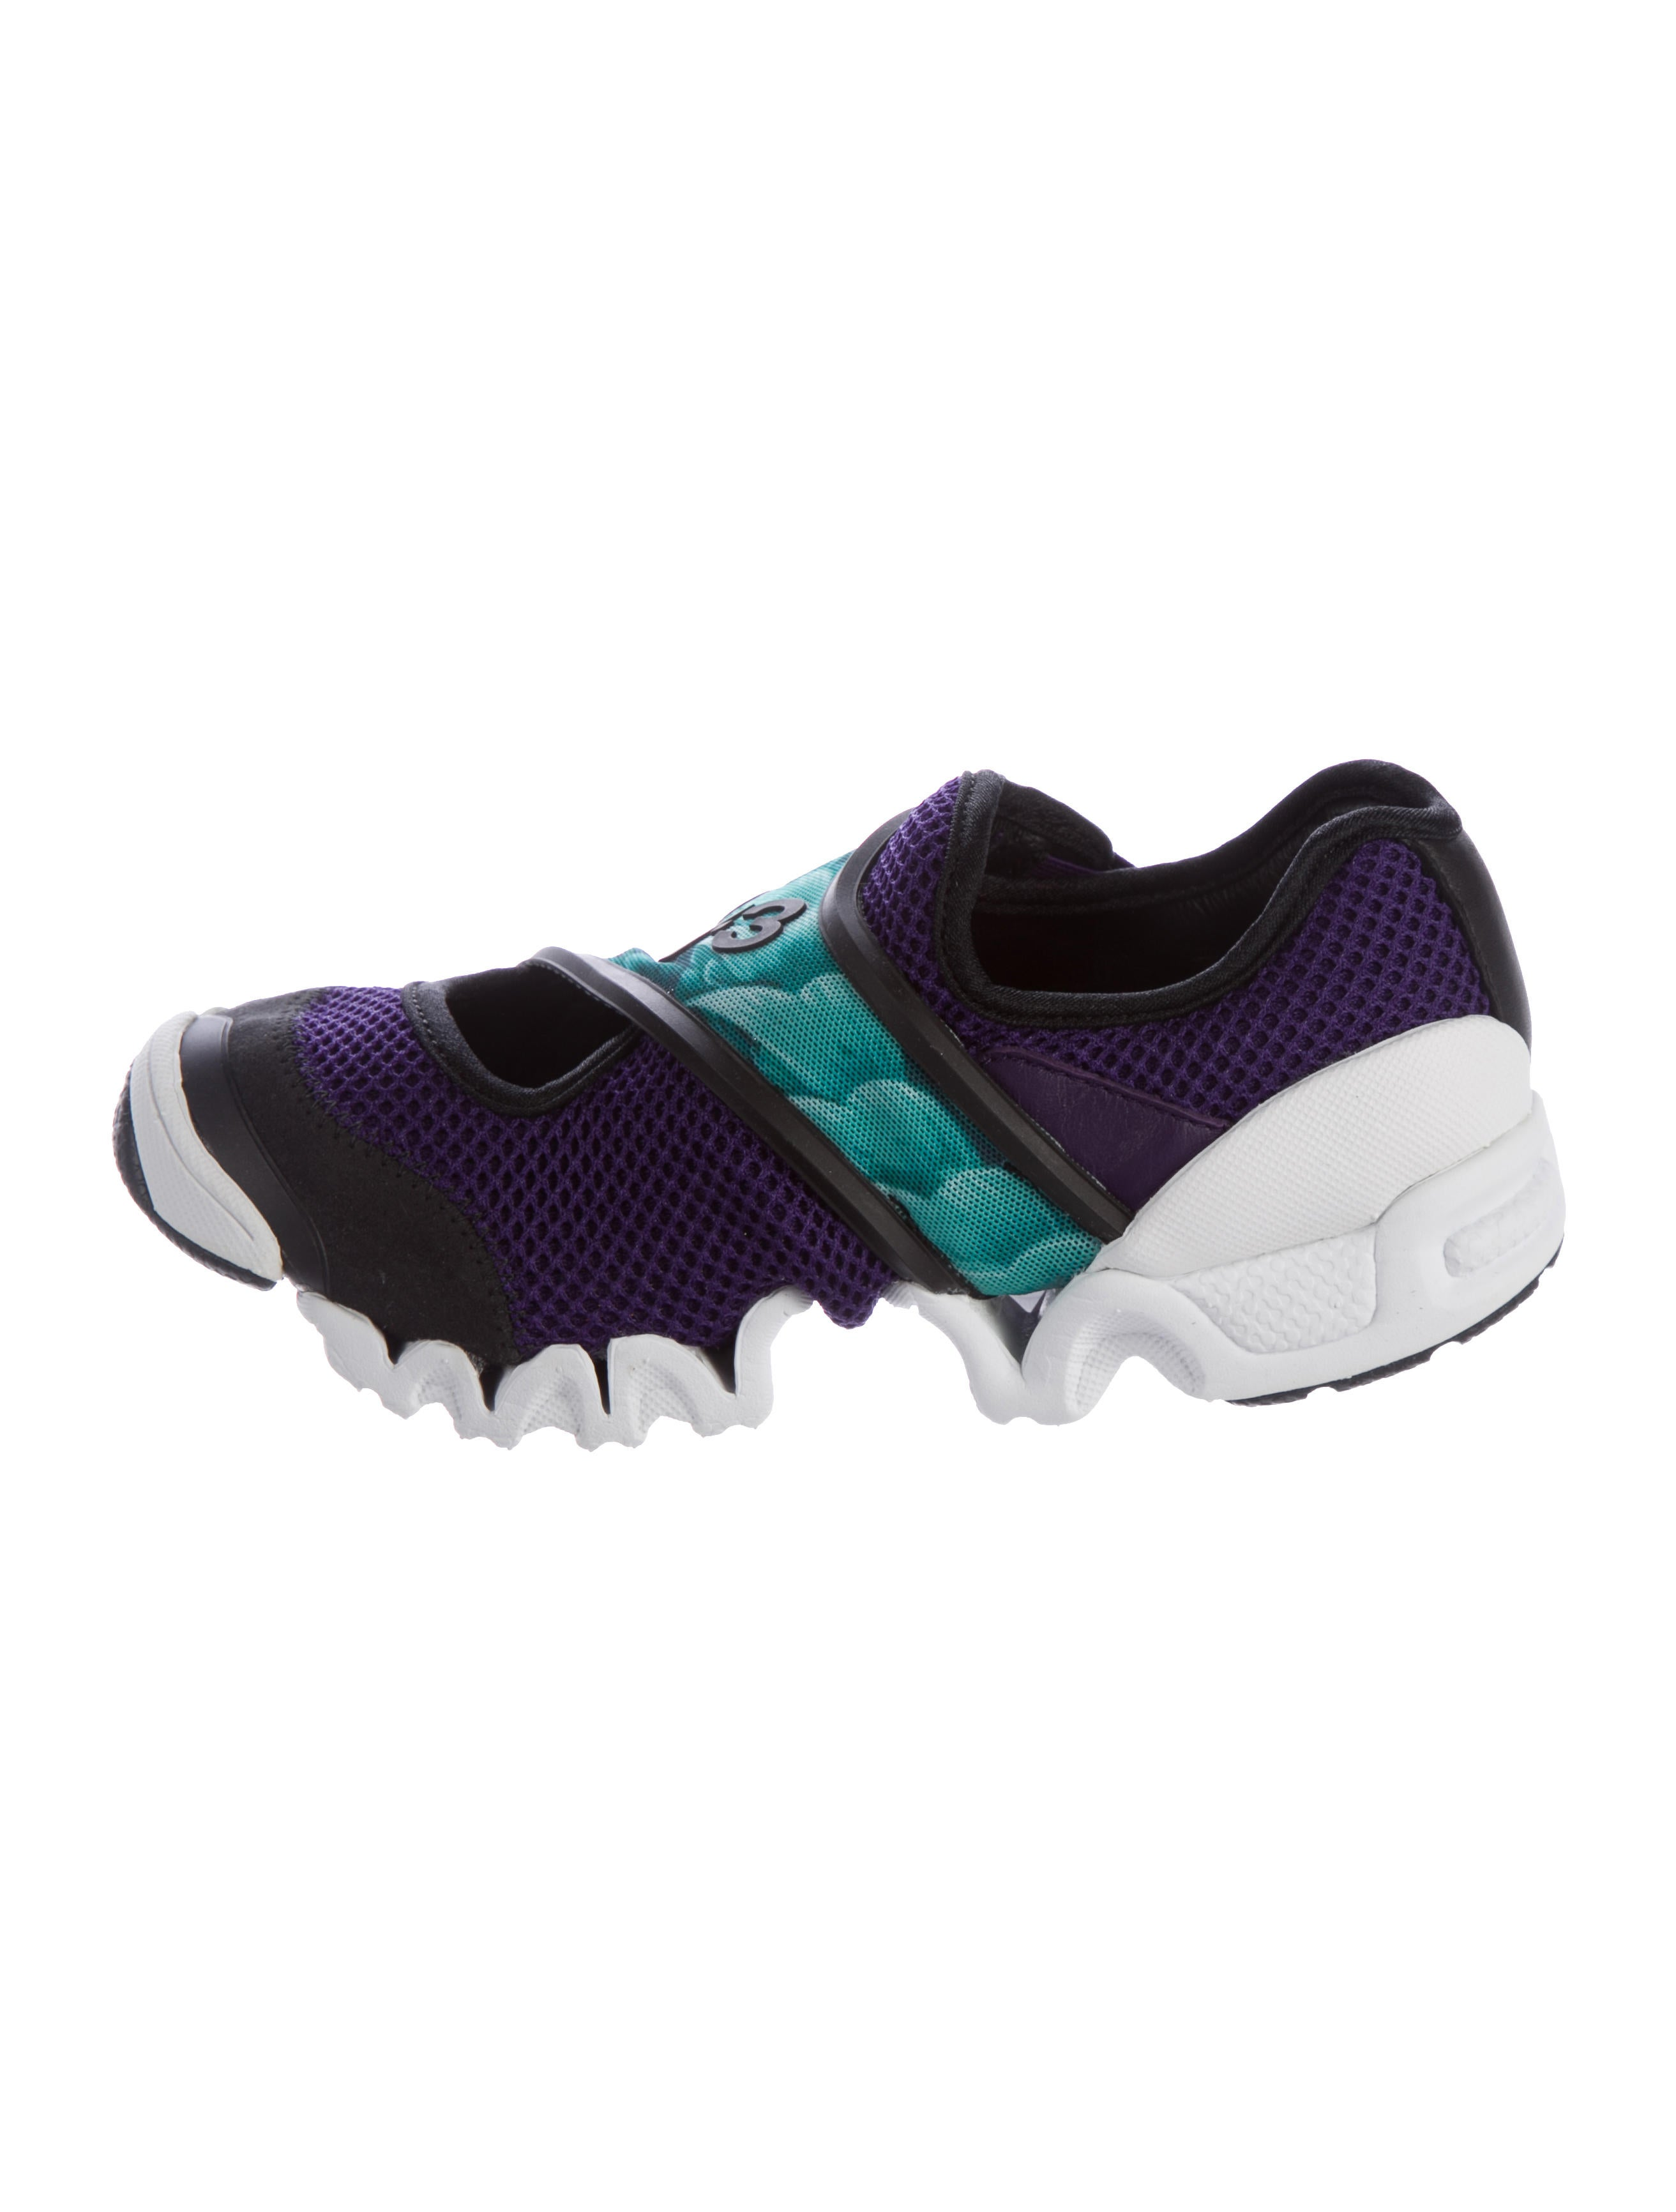 Y-3 Kubo Low-Top Sneakers w/ Tags discount footlocker buy cheap wiki X5xsvsTjE